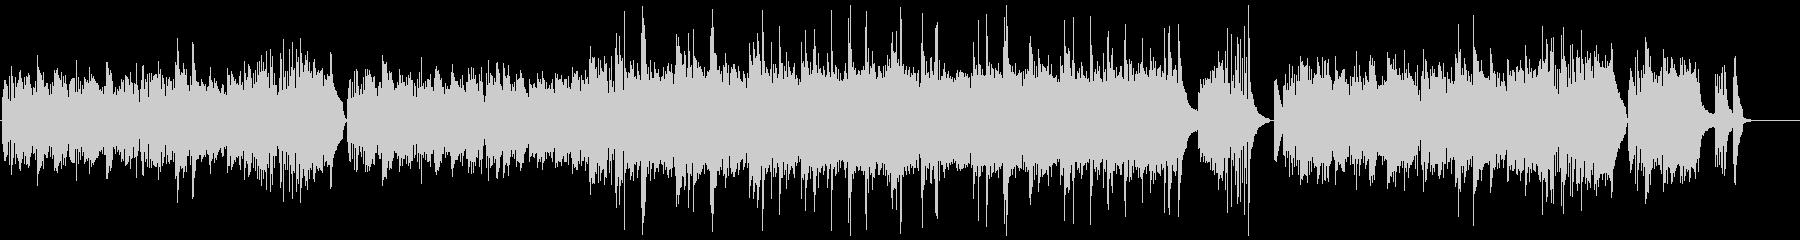 キラキラ、コロコロ流れるようなピアノの未再生の波形